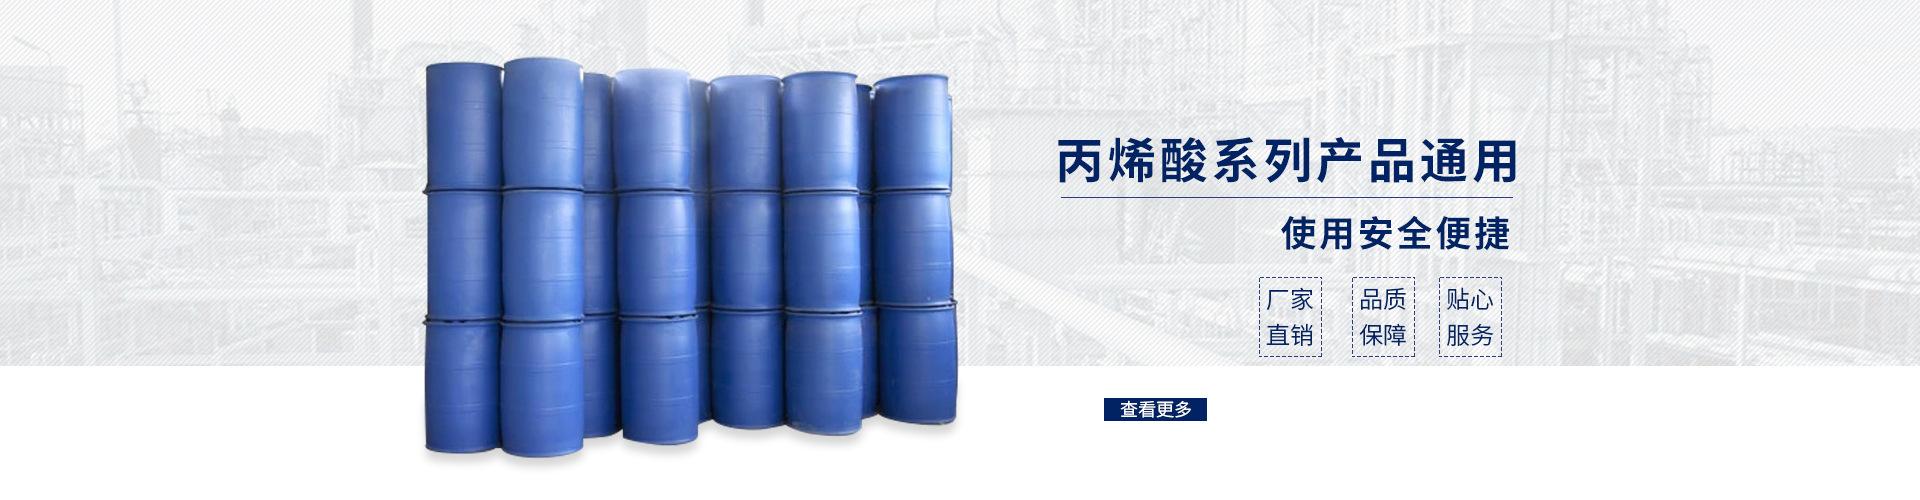 厂家供应含量80% 示例图8